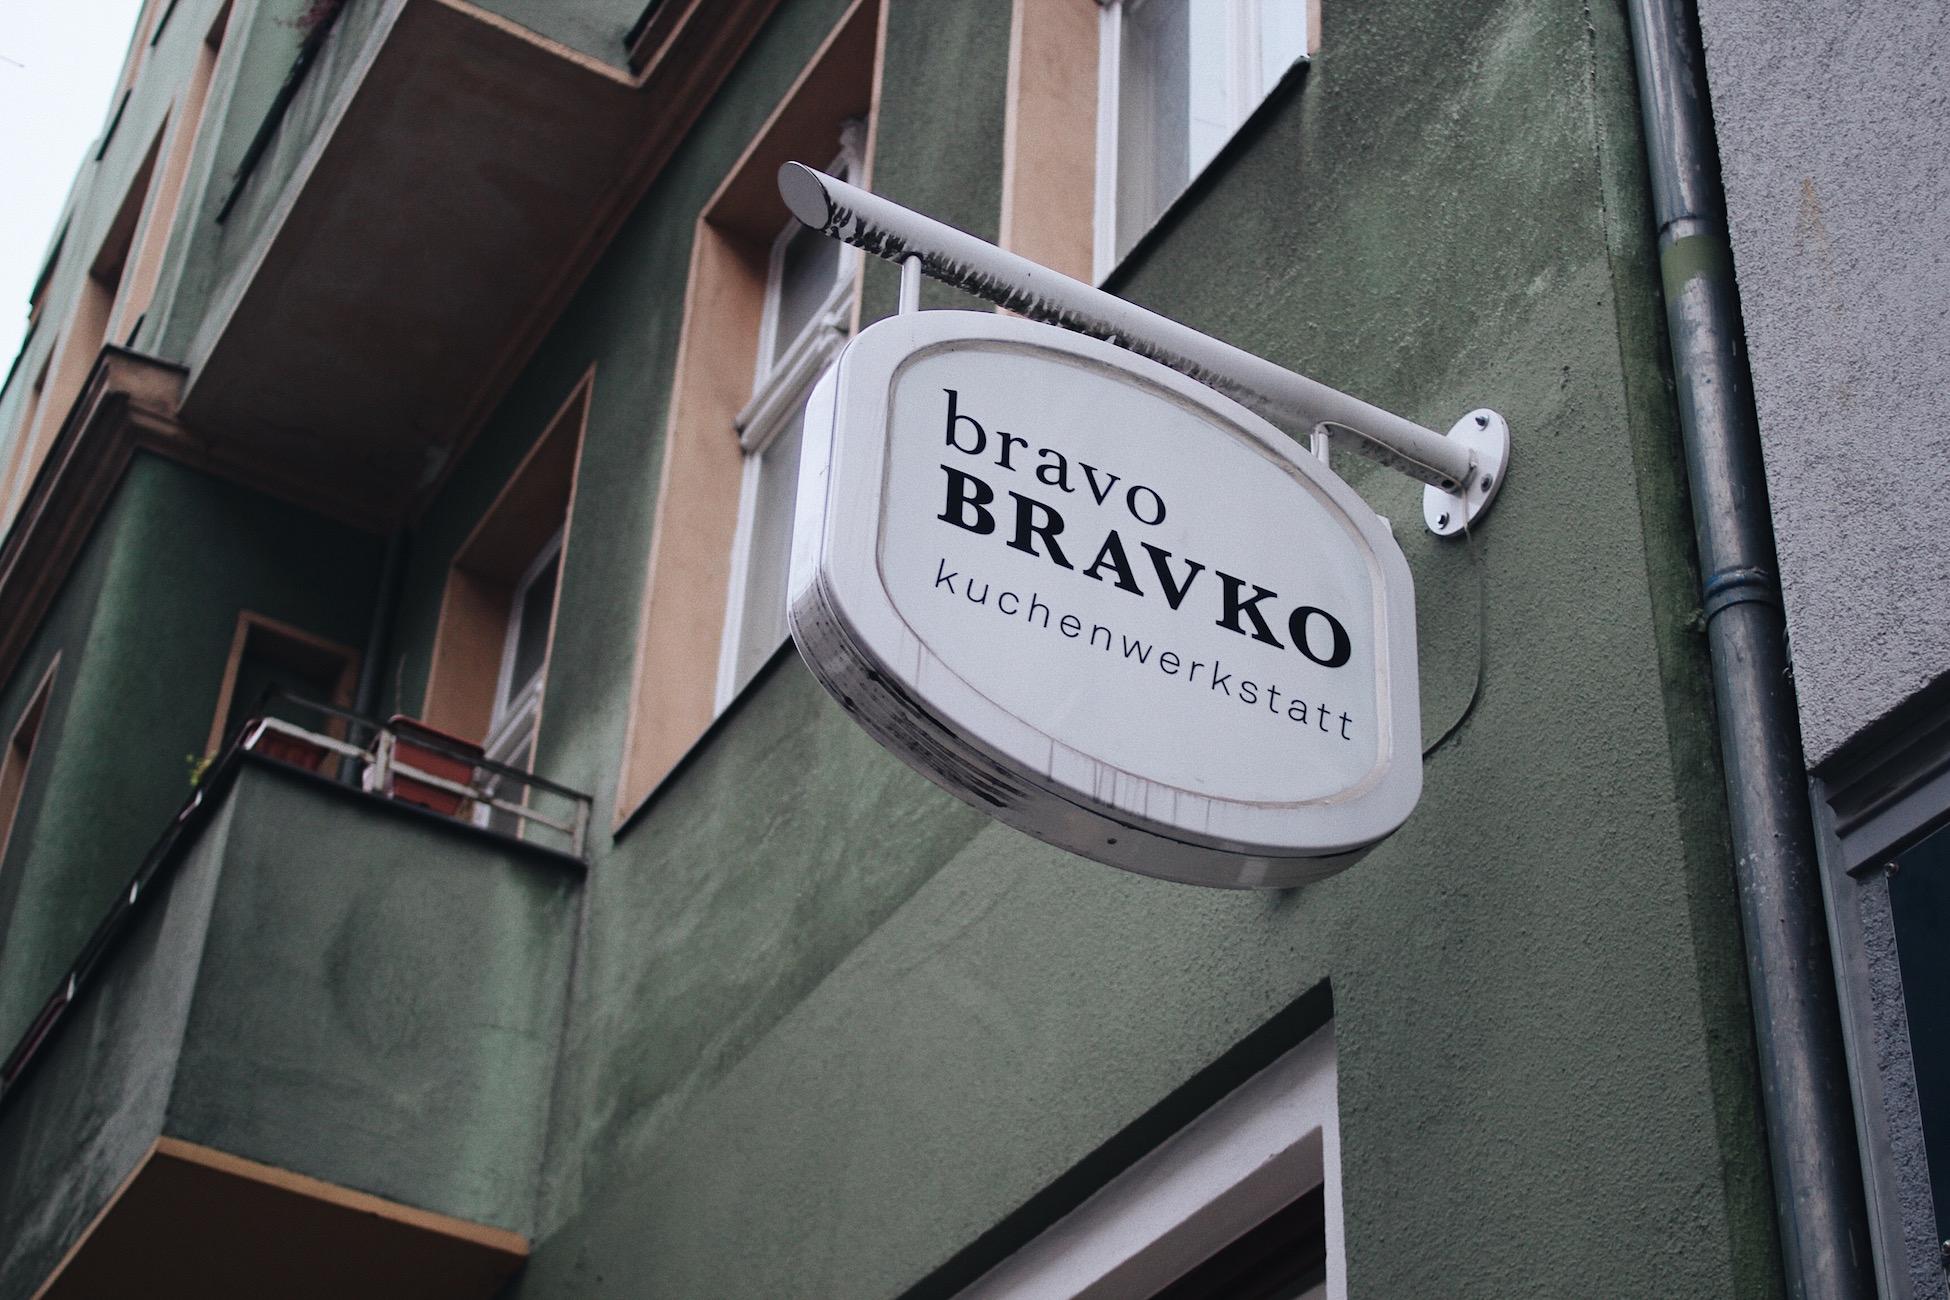 1. SWEET|BRAVOBRAVKO